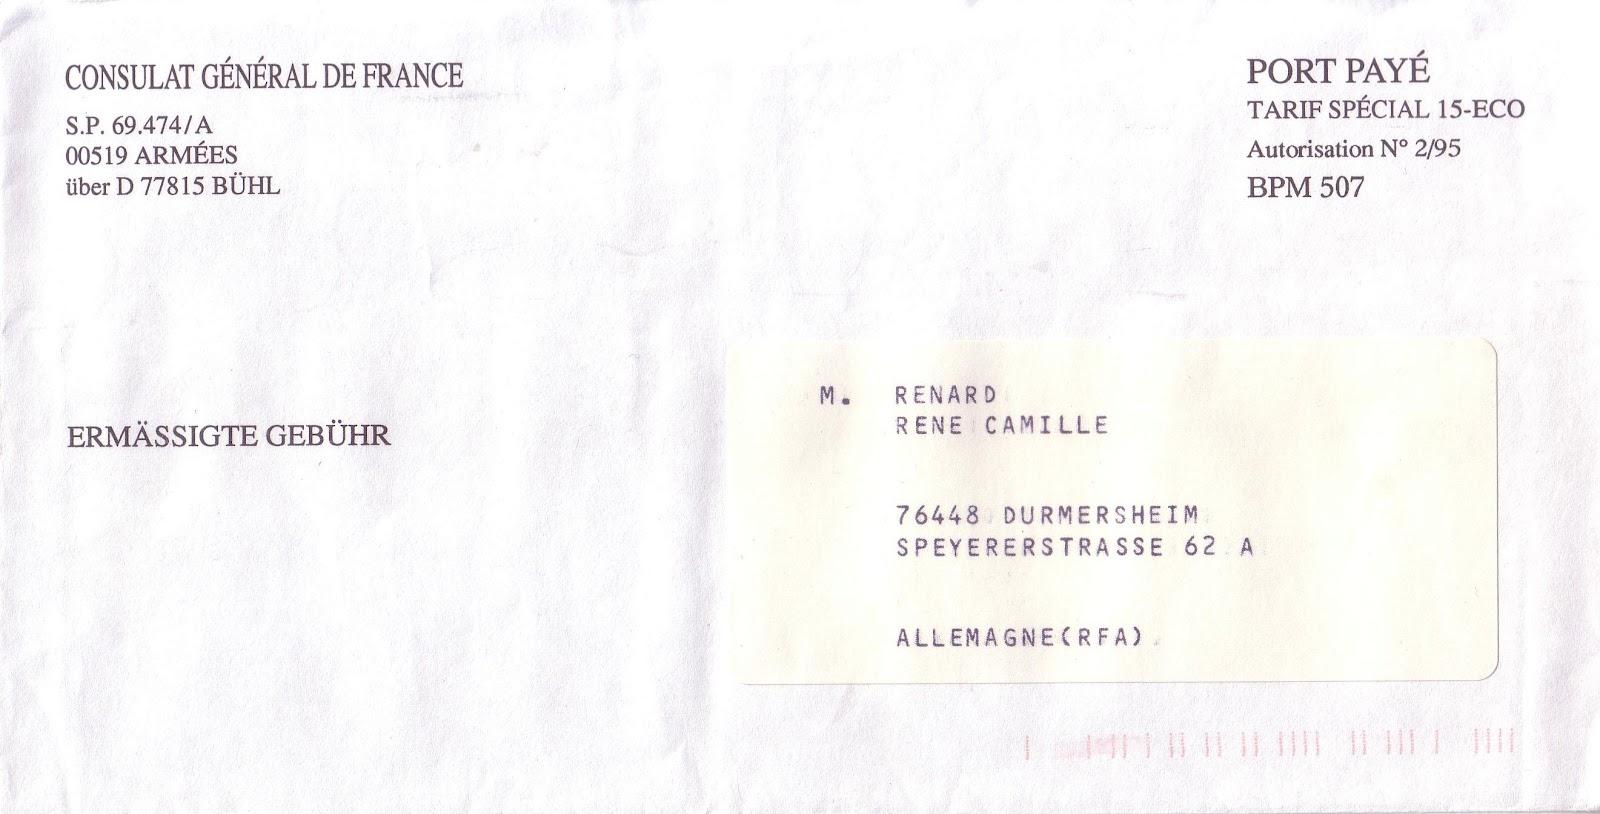 La poste aux armees un tarif r duit pour les forces fran aises en allemagne suite - Consulat de france port gentil ...